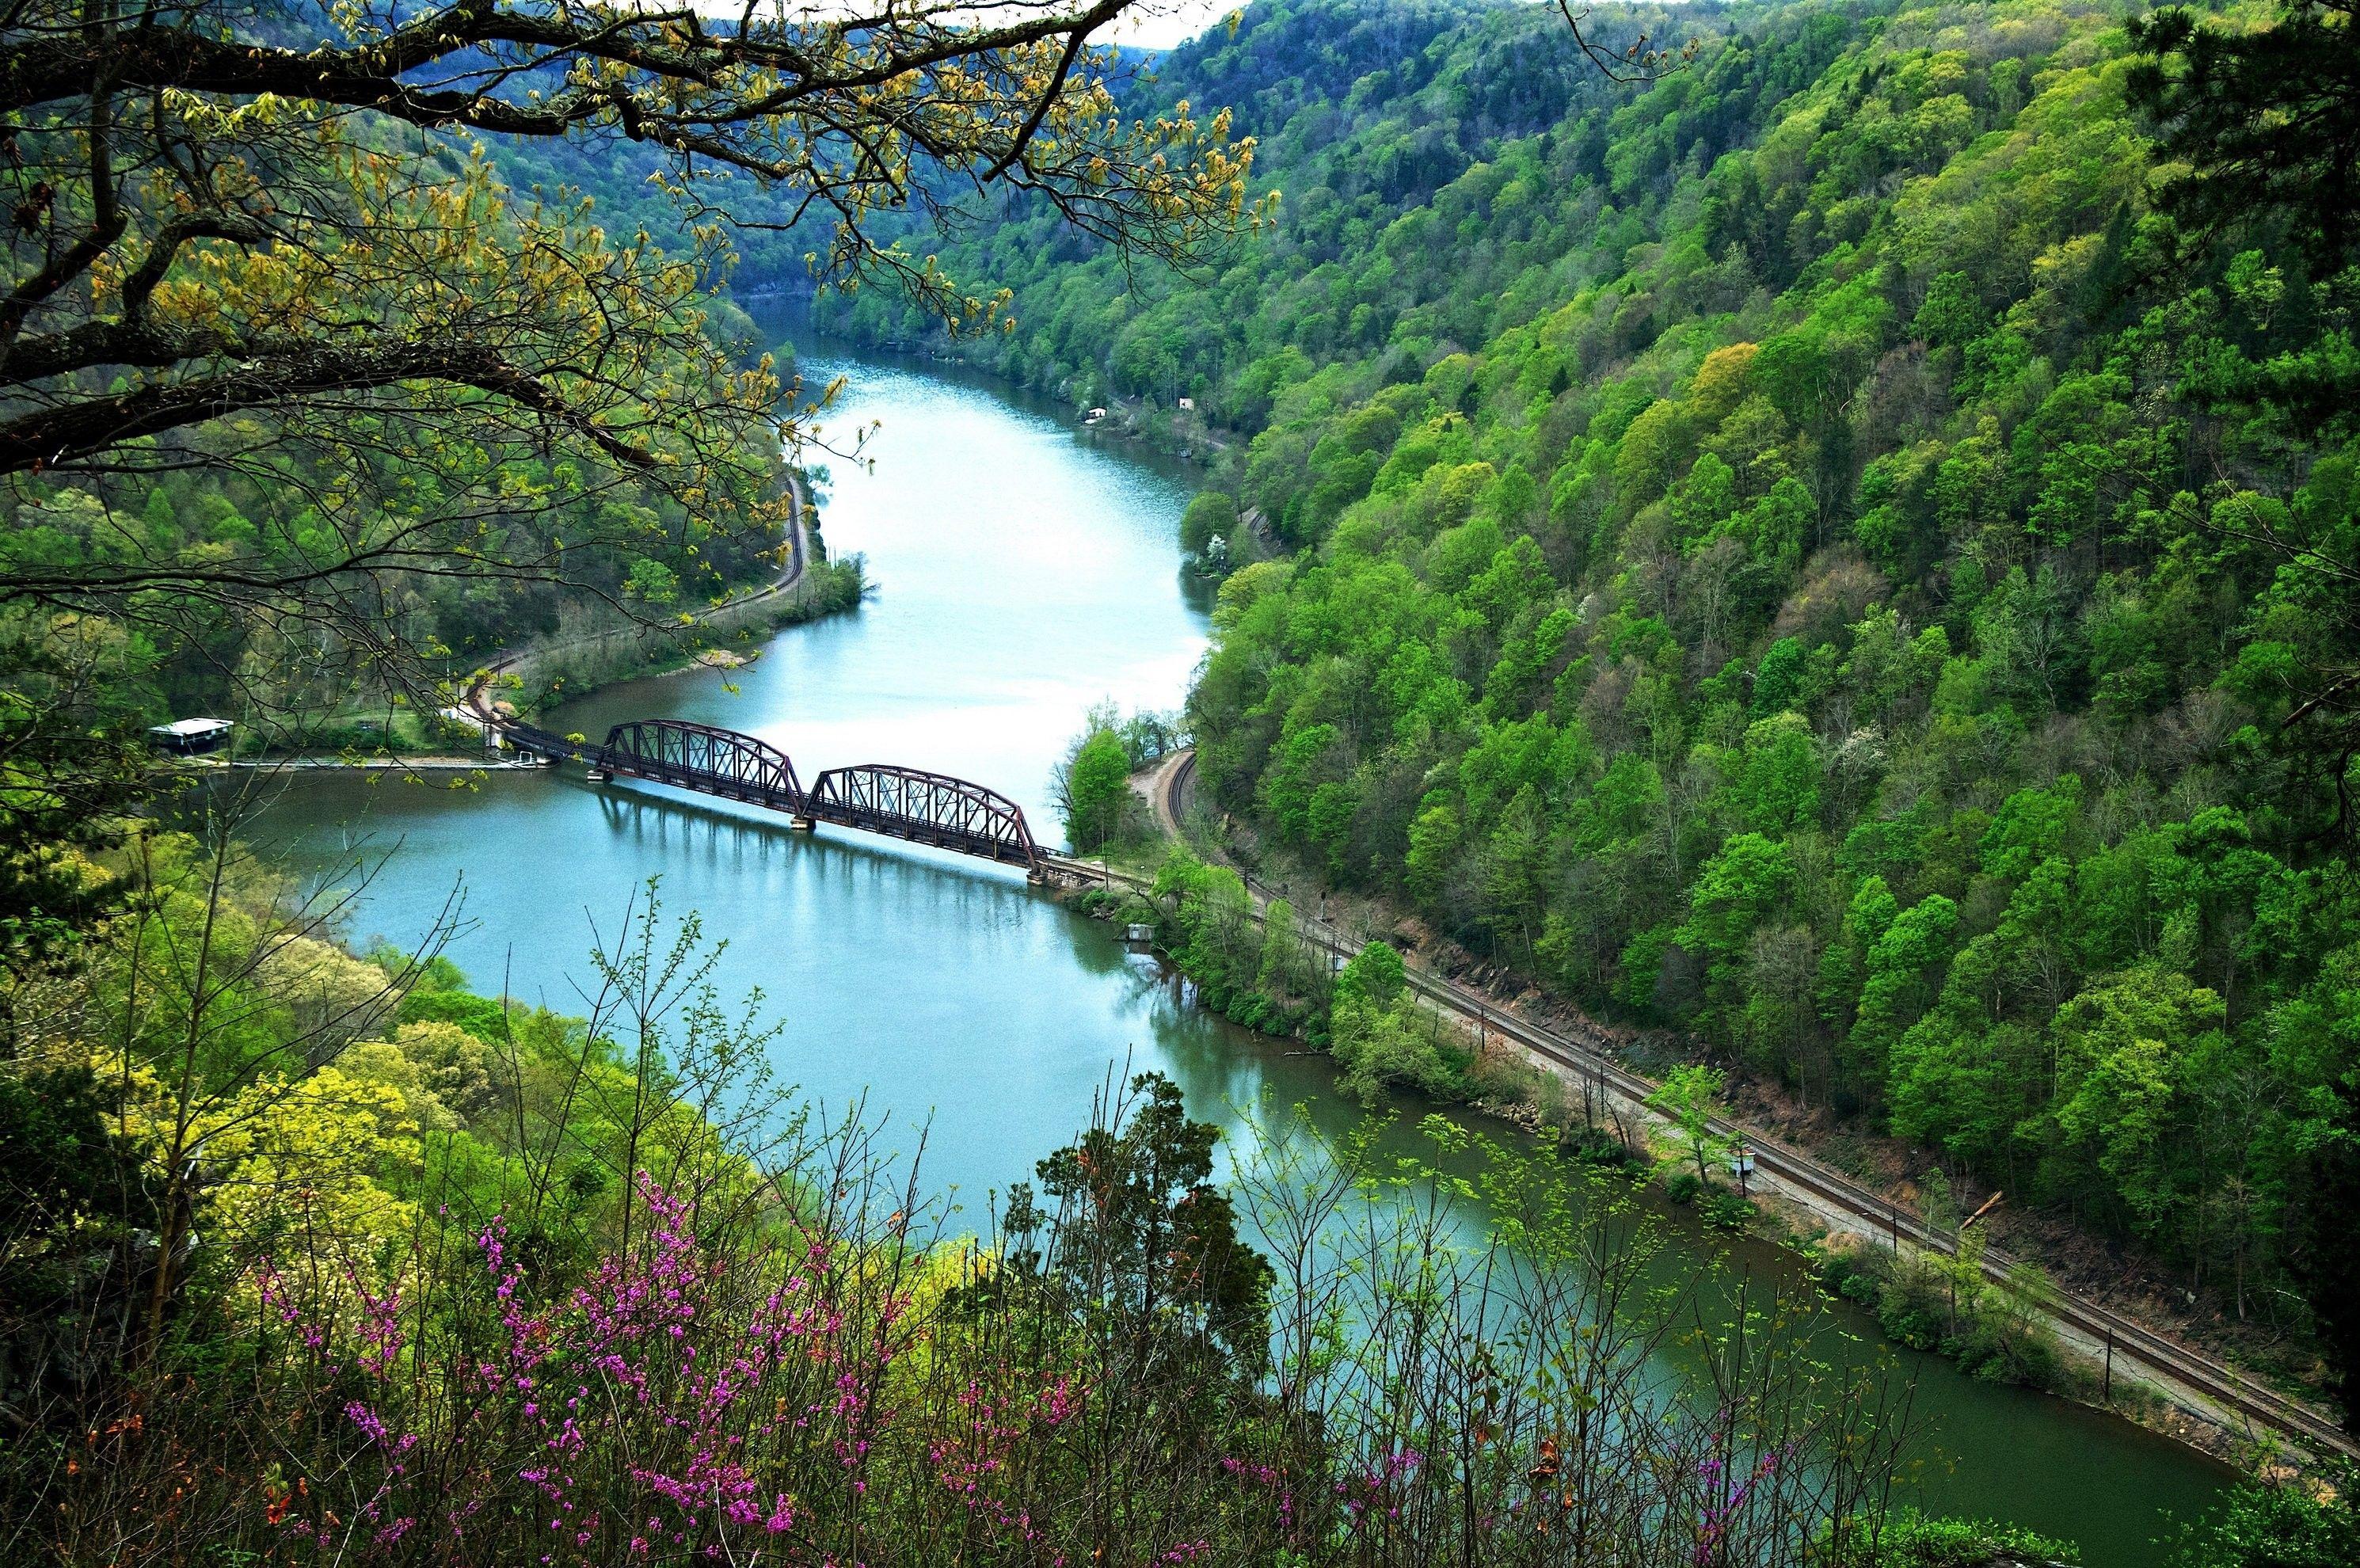 Railroad Bridge Train Tracks Scenery River Nature Forest